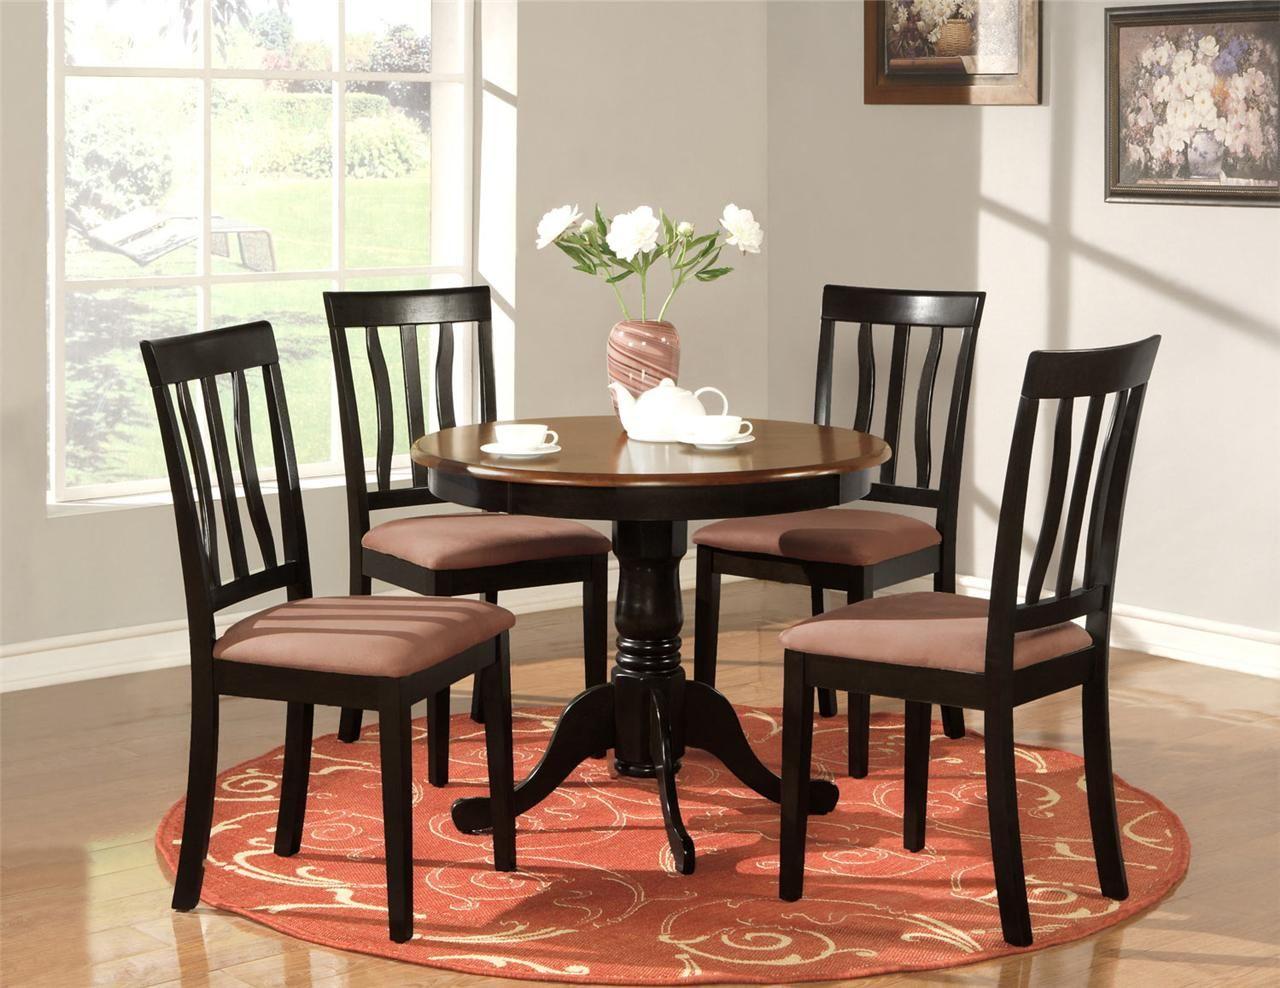 Tisch Und Stuhle Kuche Tisch Sets Essgruppe Kuche Stuhle